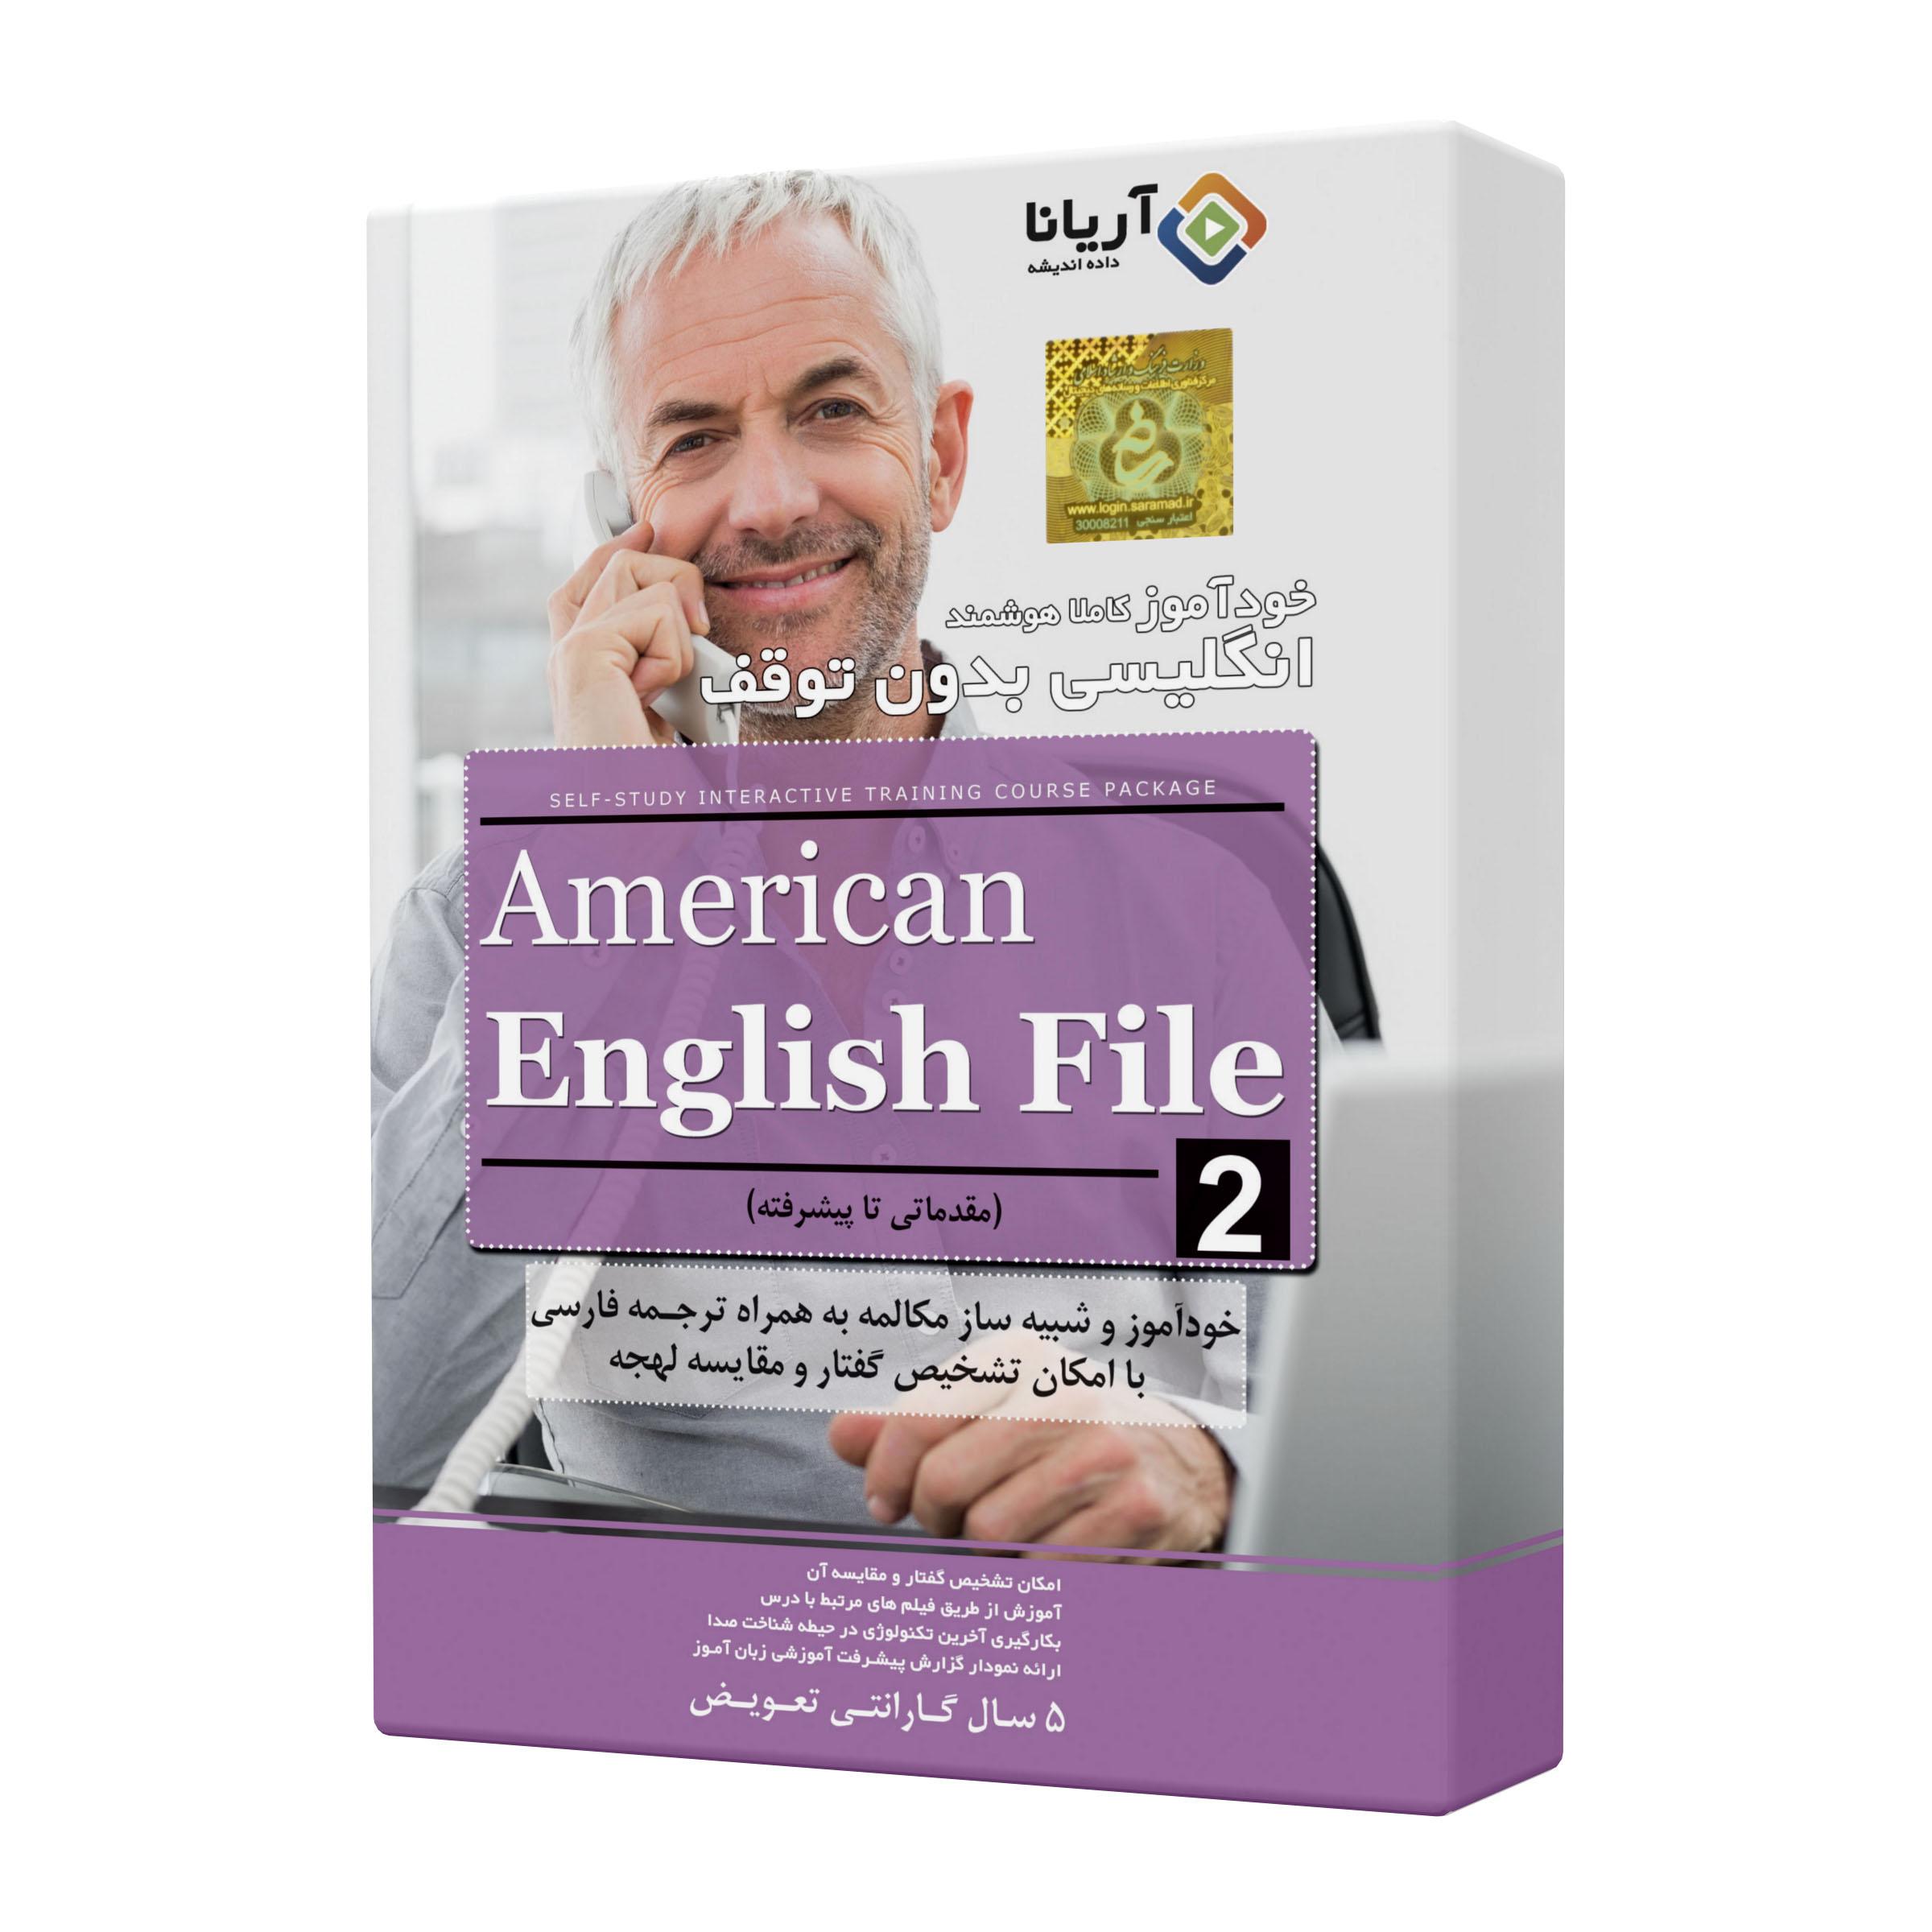 عکس آموزش زبان انگلیسی امریکن انگلیش فایل نشر آریانا داده اندیشه